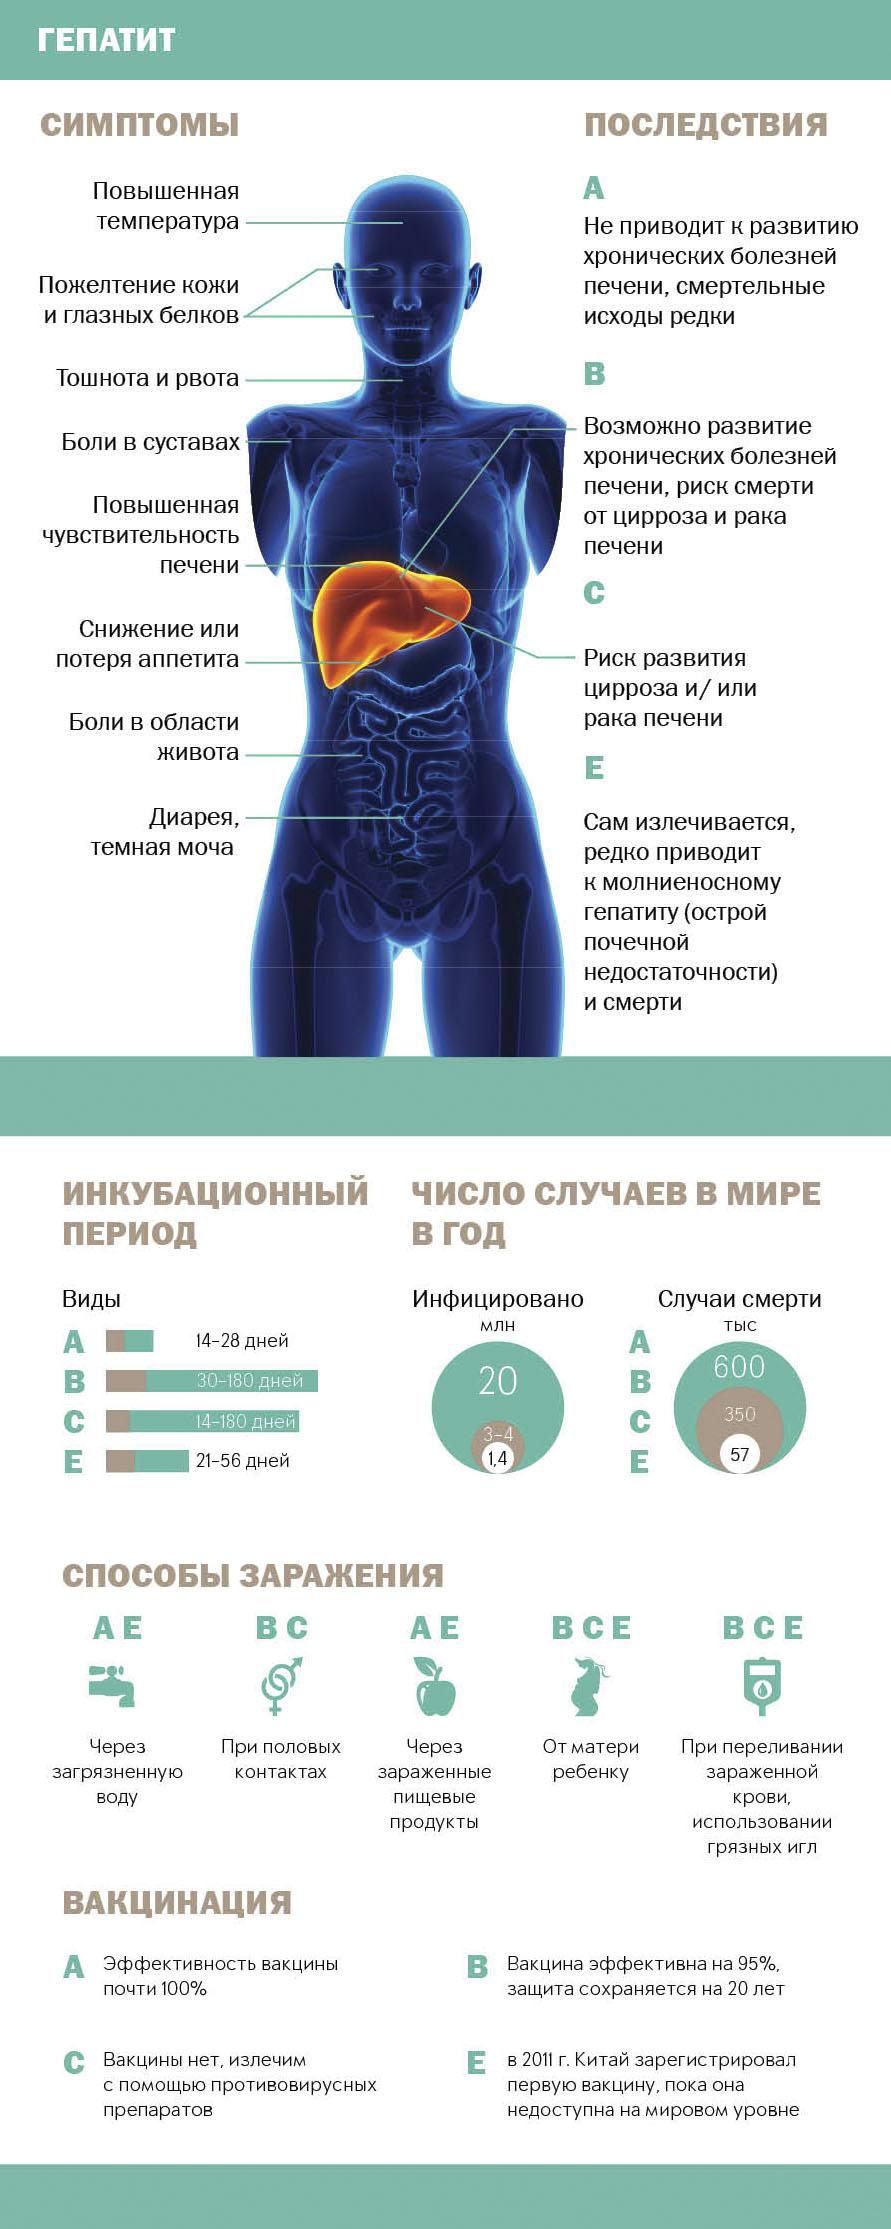 Классификация и симптомы гепатитов